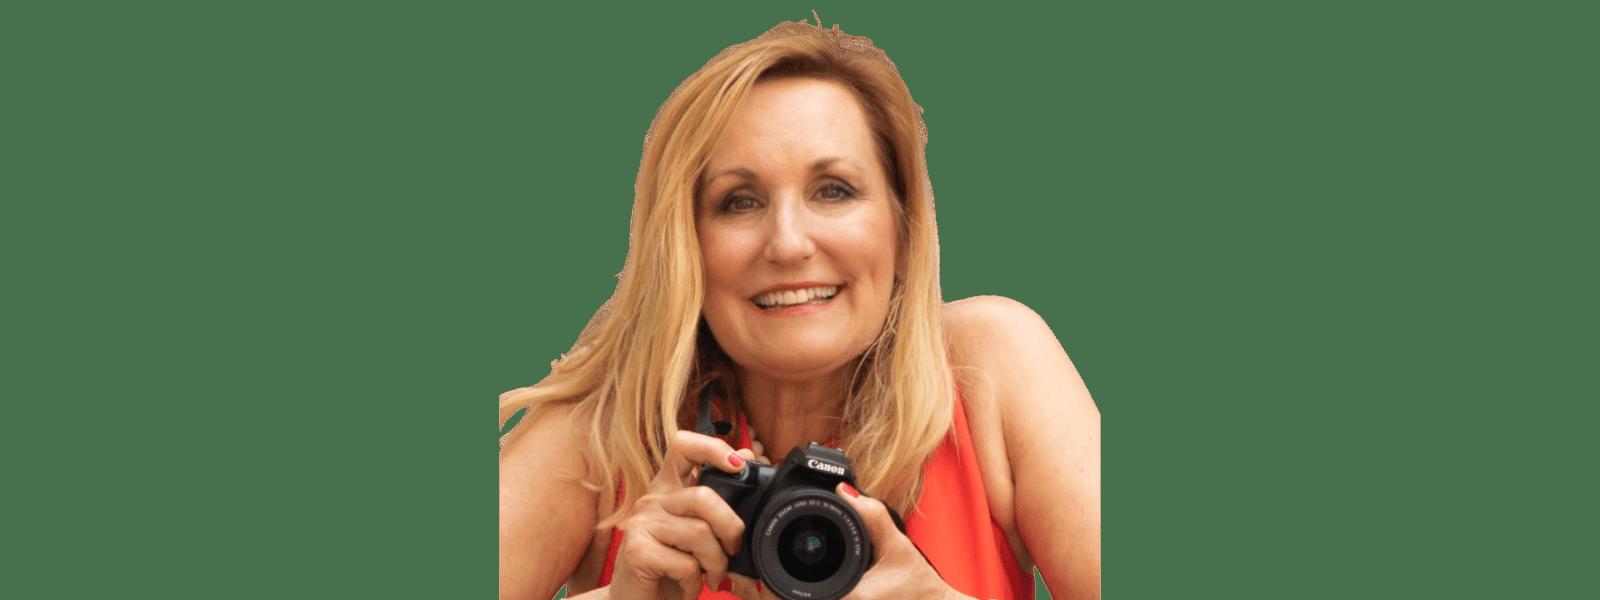 Donna Carnahan